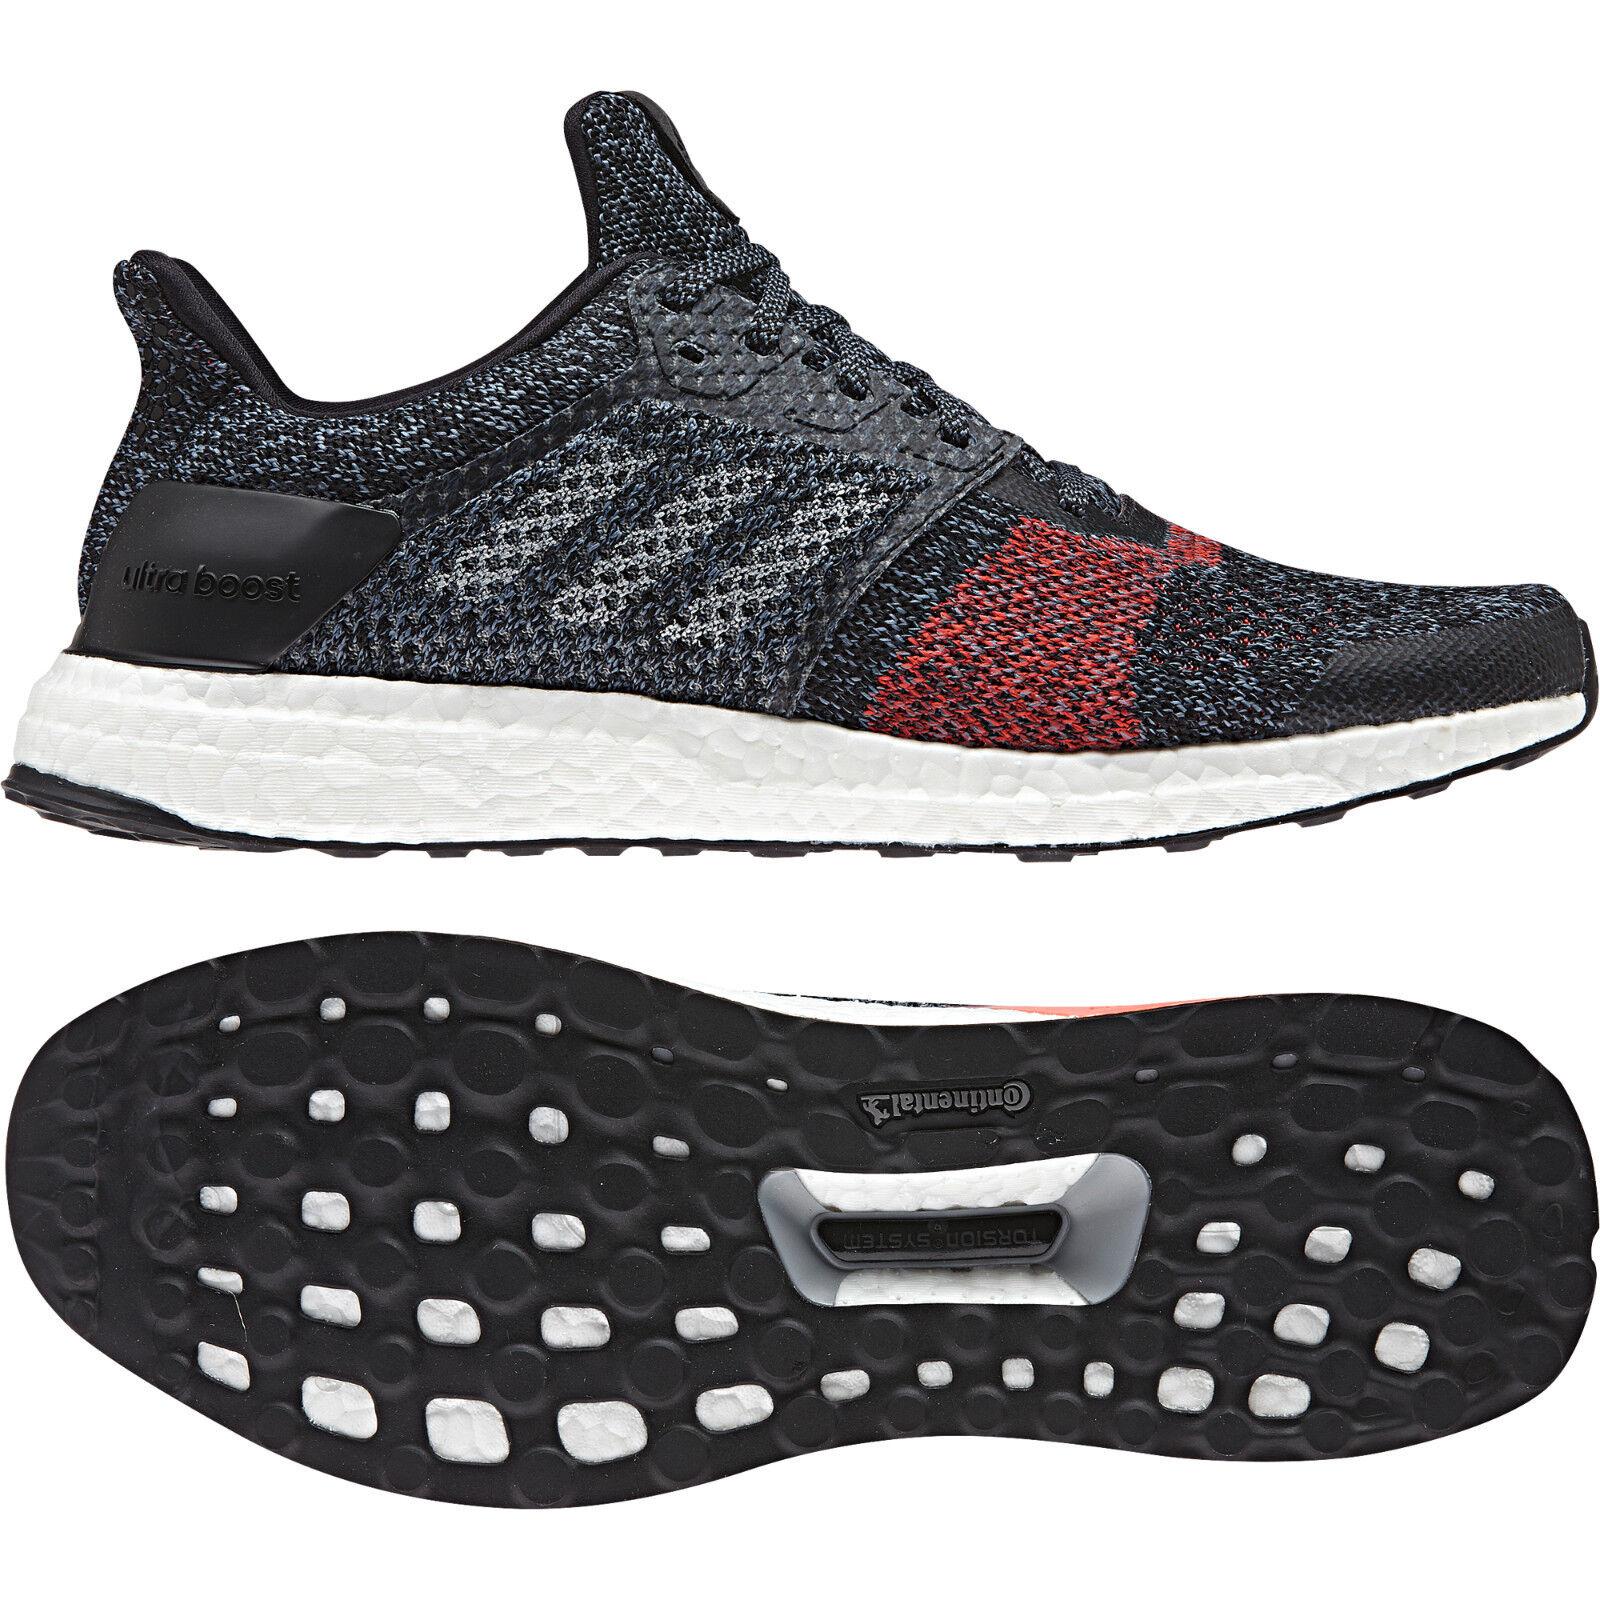 Adidas Para Hombre Correr Gimnasio De Entrenamiento Entrenadores Ultraboost St Zapatos Entrenadores Entrenamiento Boost CM8277 Nuevo 3a7424